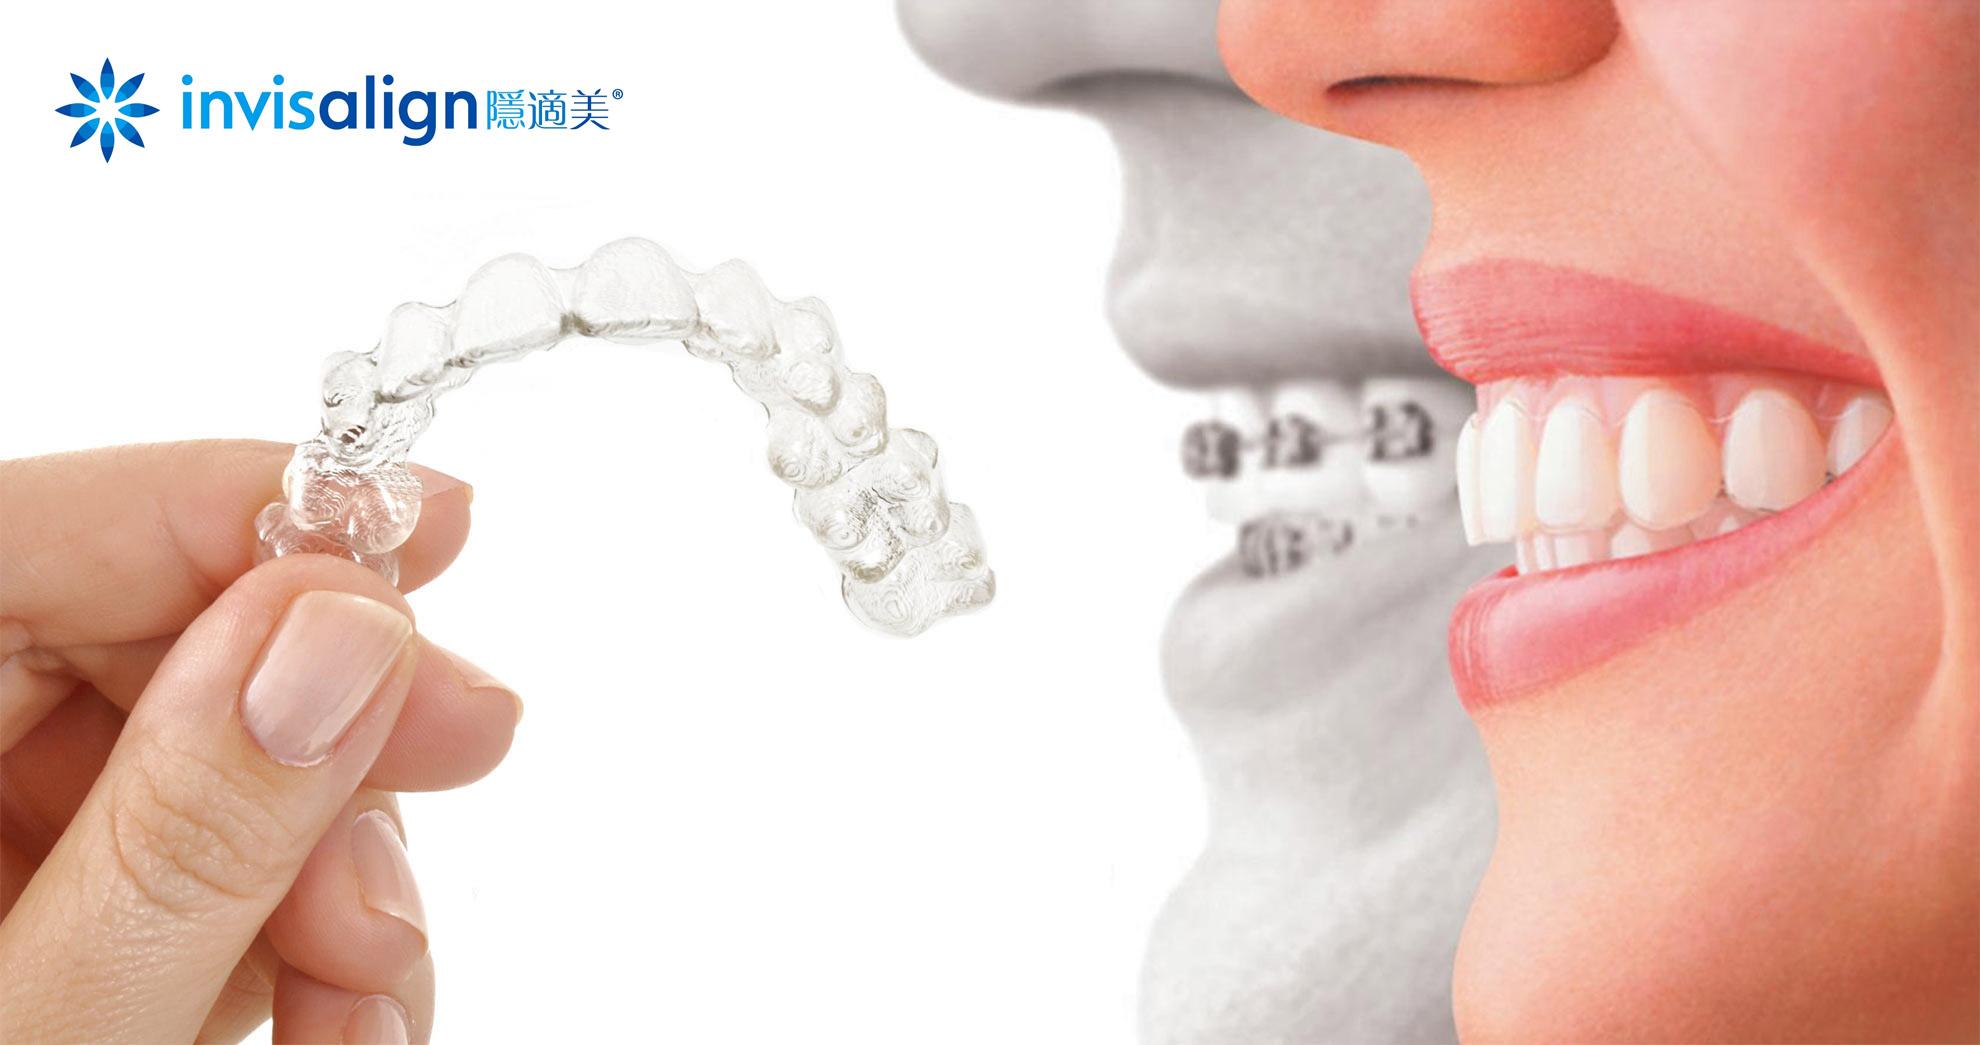 隱適美隱形牙套與傳統牙套